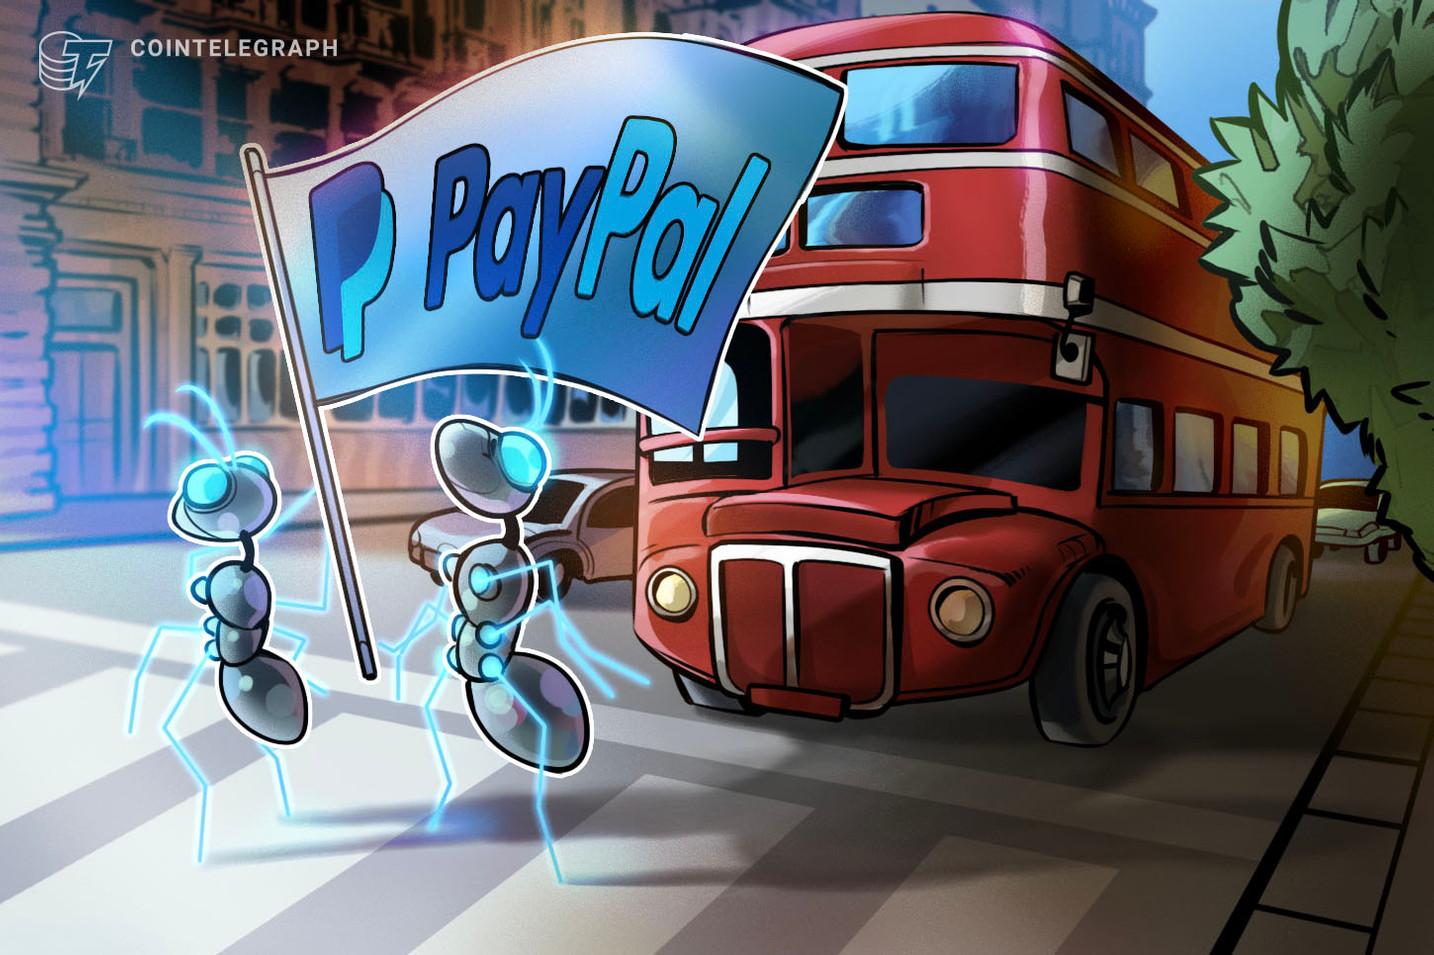 ペイパル、今年上半期中にも仮想通貨取引を英国でも可能に